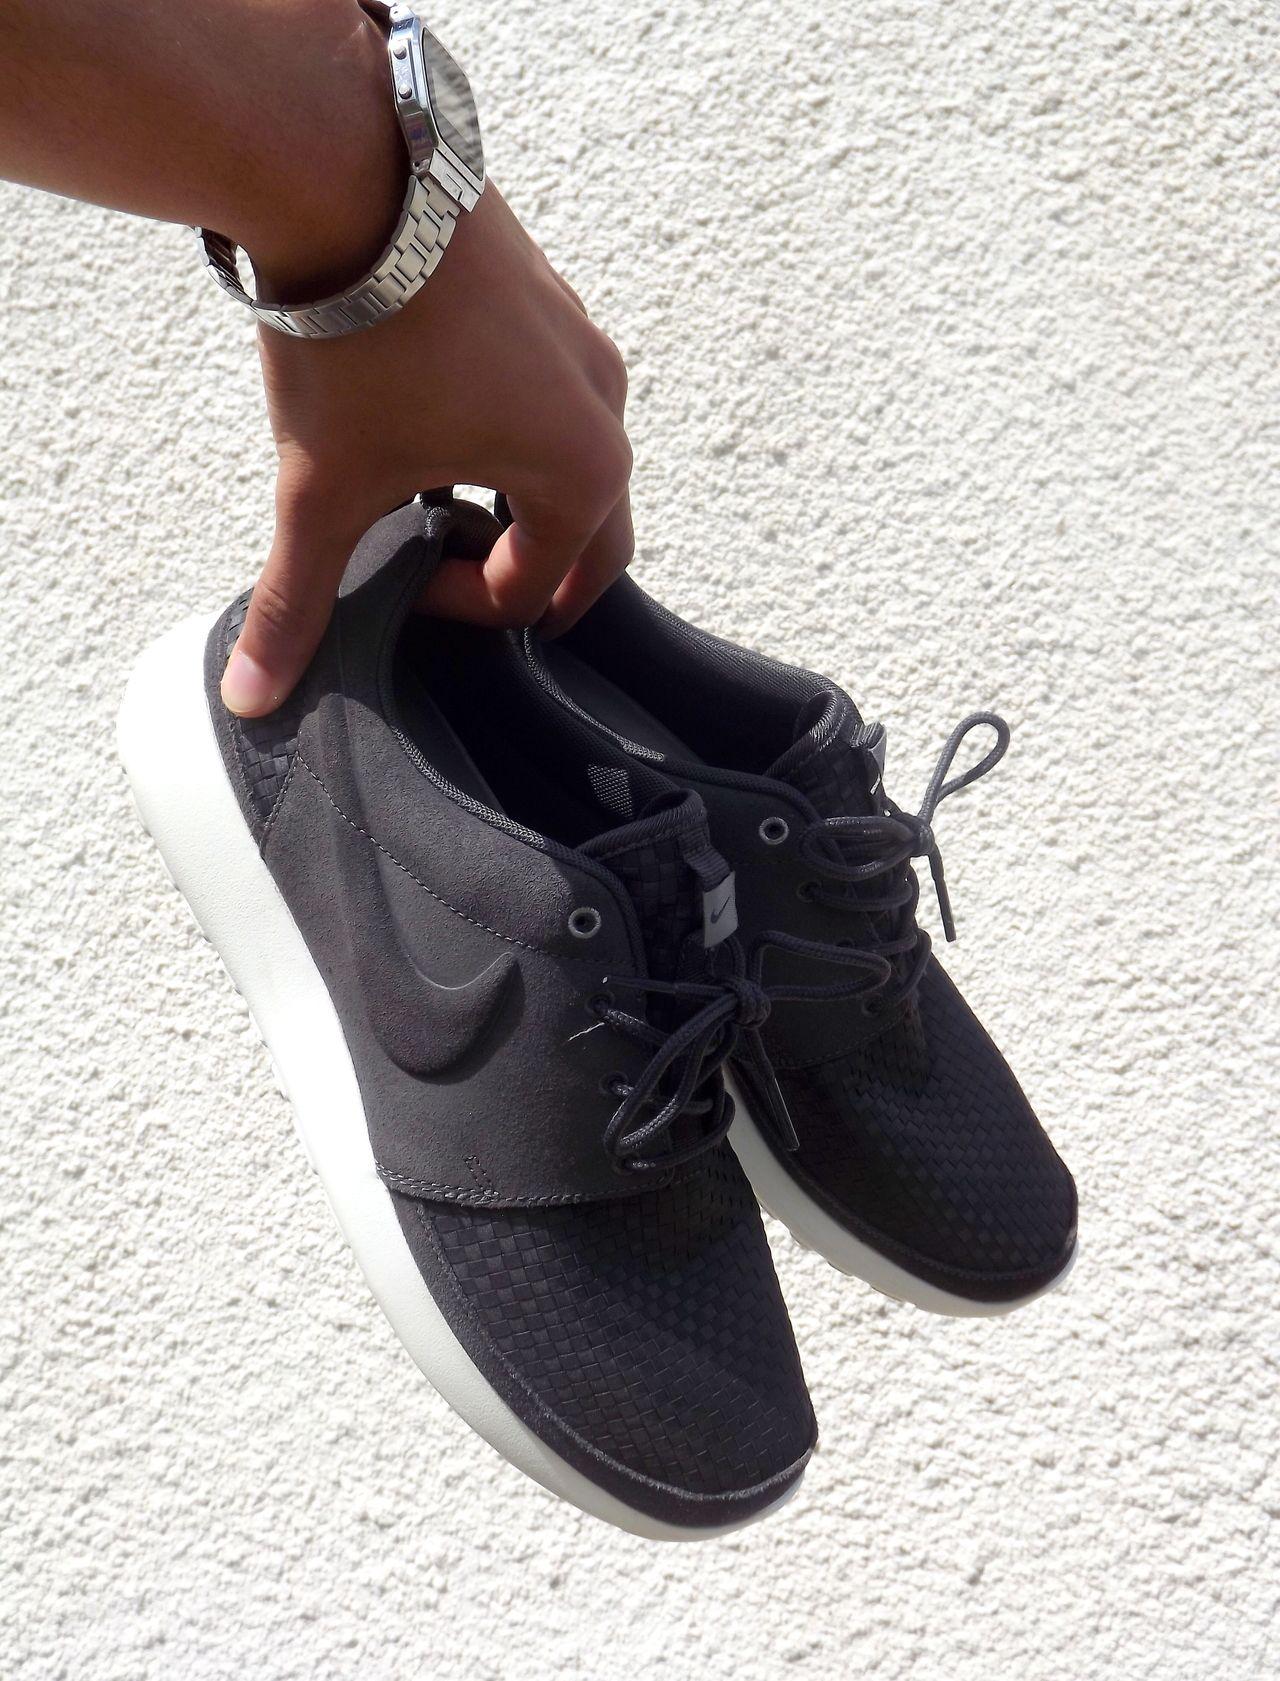 Roshe Run in all black Nike | Minimal + Chic | @CO DE +